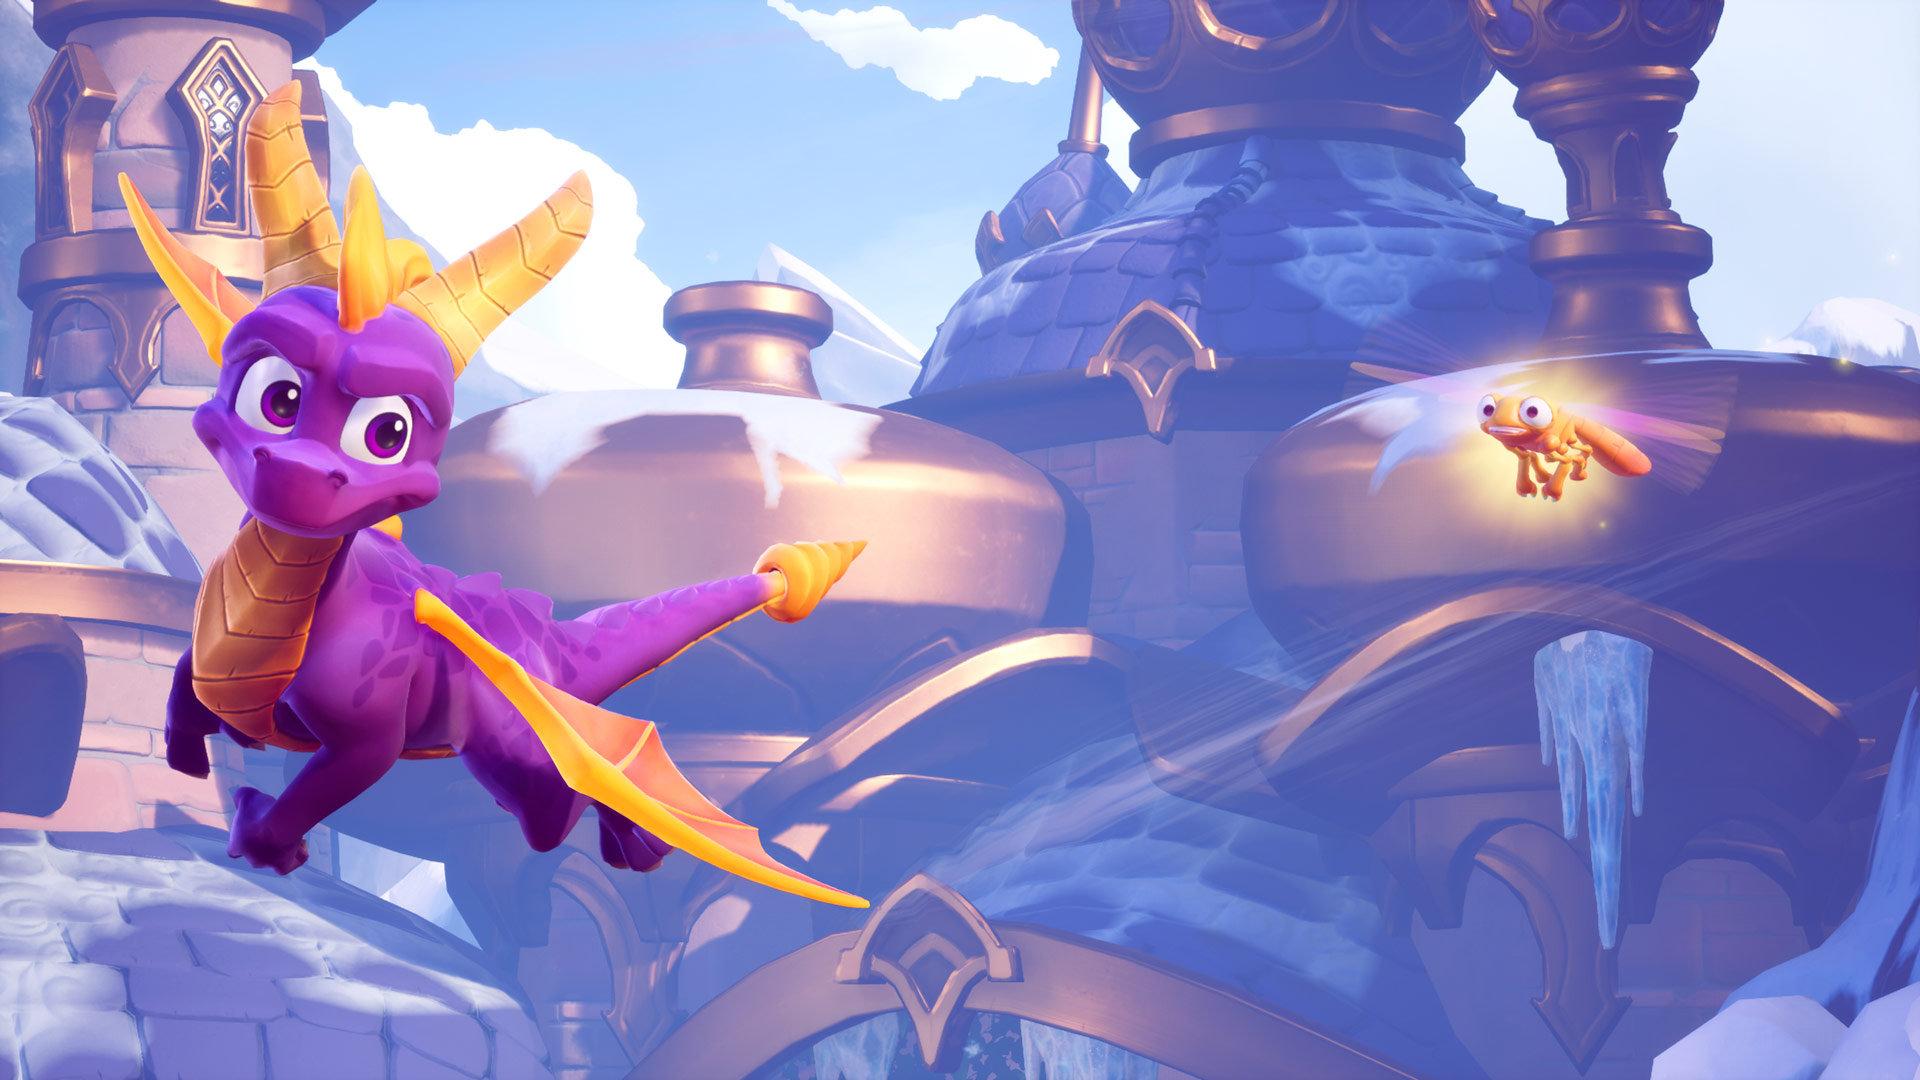 Spyro-pelien remasterointi lykkääntyy – trilogiassa riittää vielä työtä